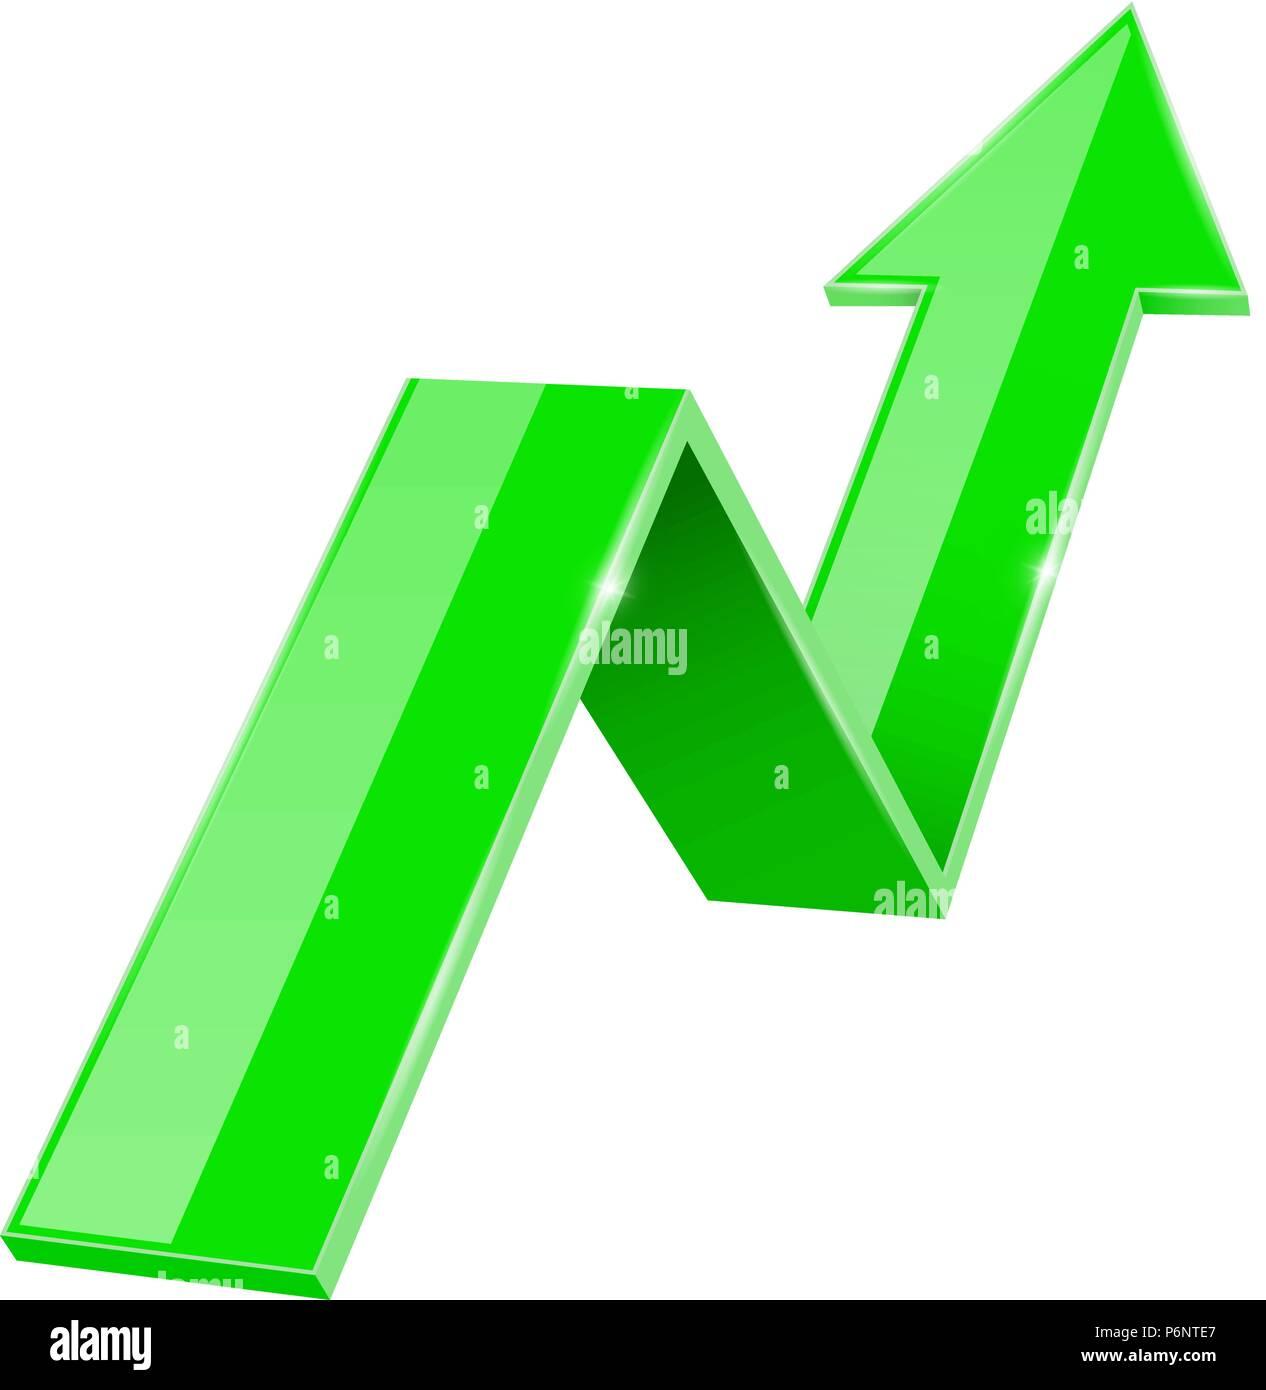 5907d2fcc2b2e3 3d vert Flèche vers le haut. Graphique financier Vecteurs Et ...